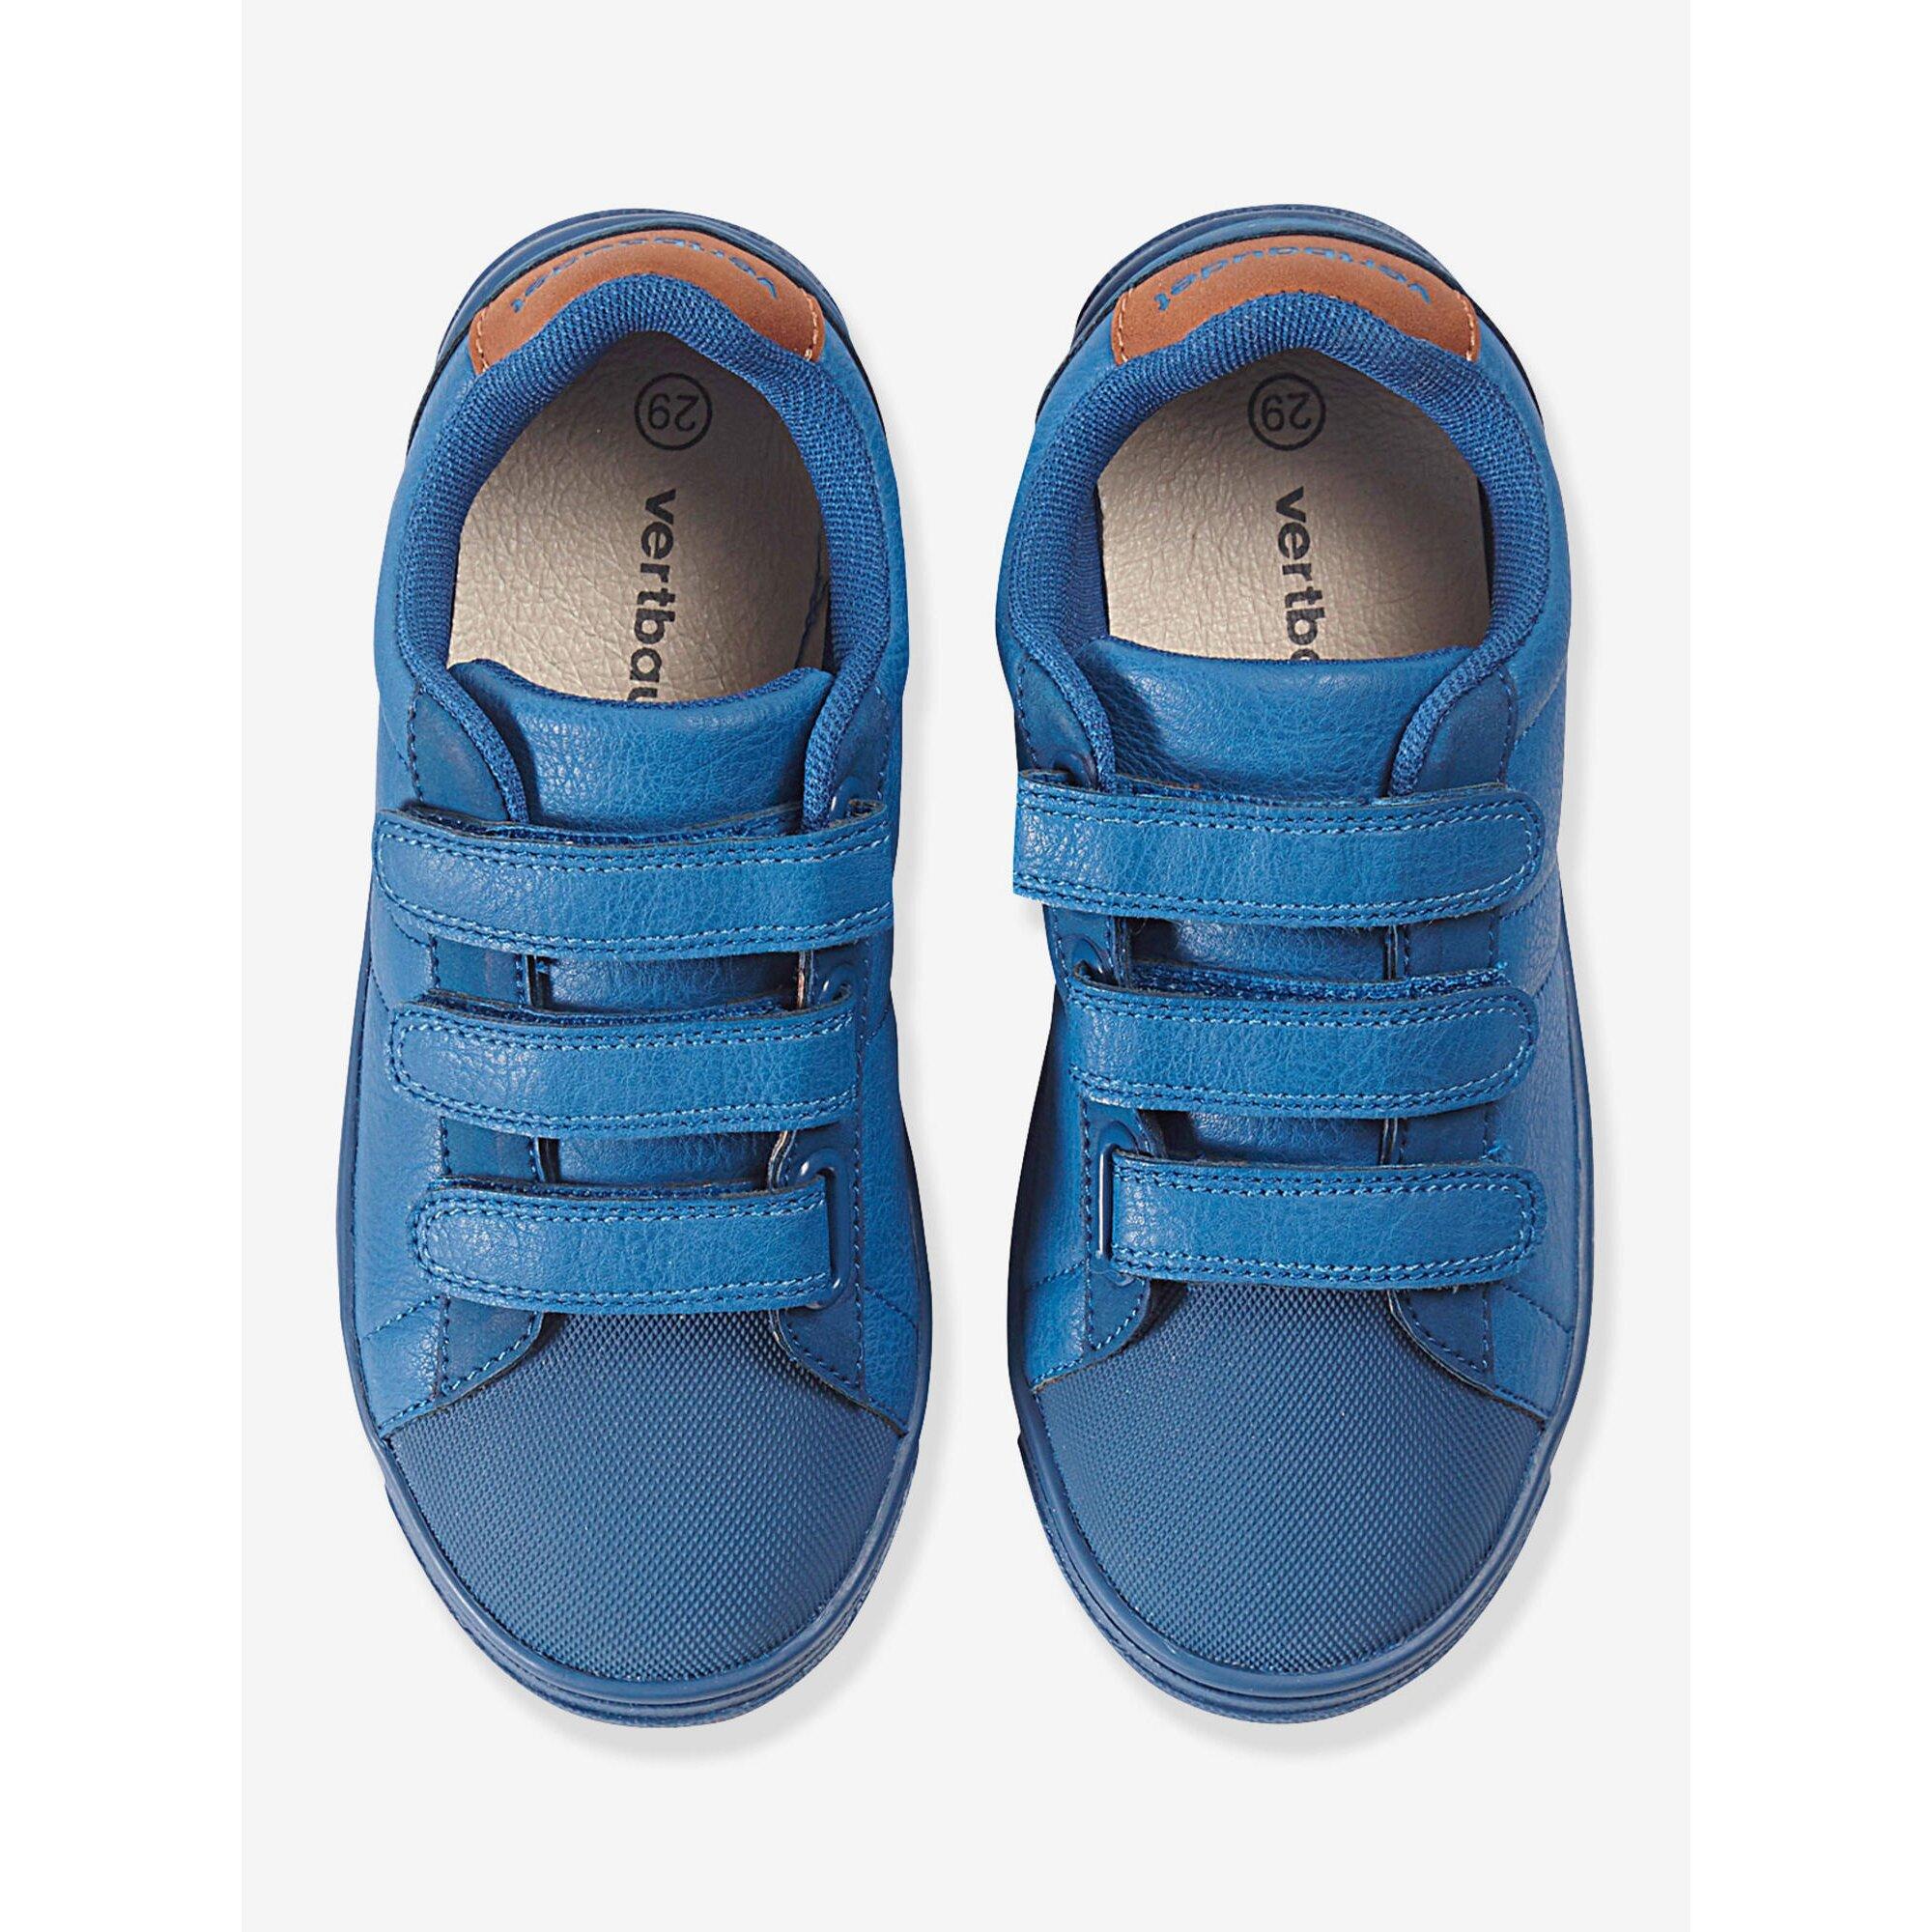 vertbaudet-kinder-sneakers-mit-klettverschluss